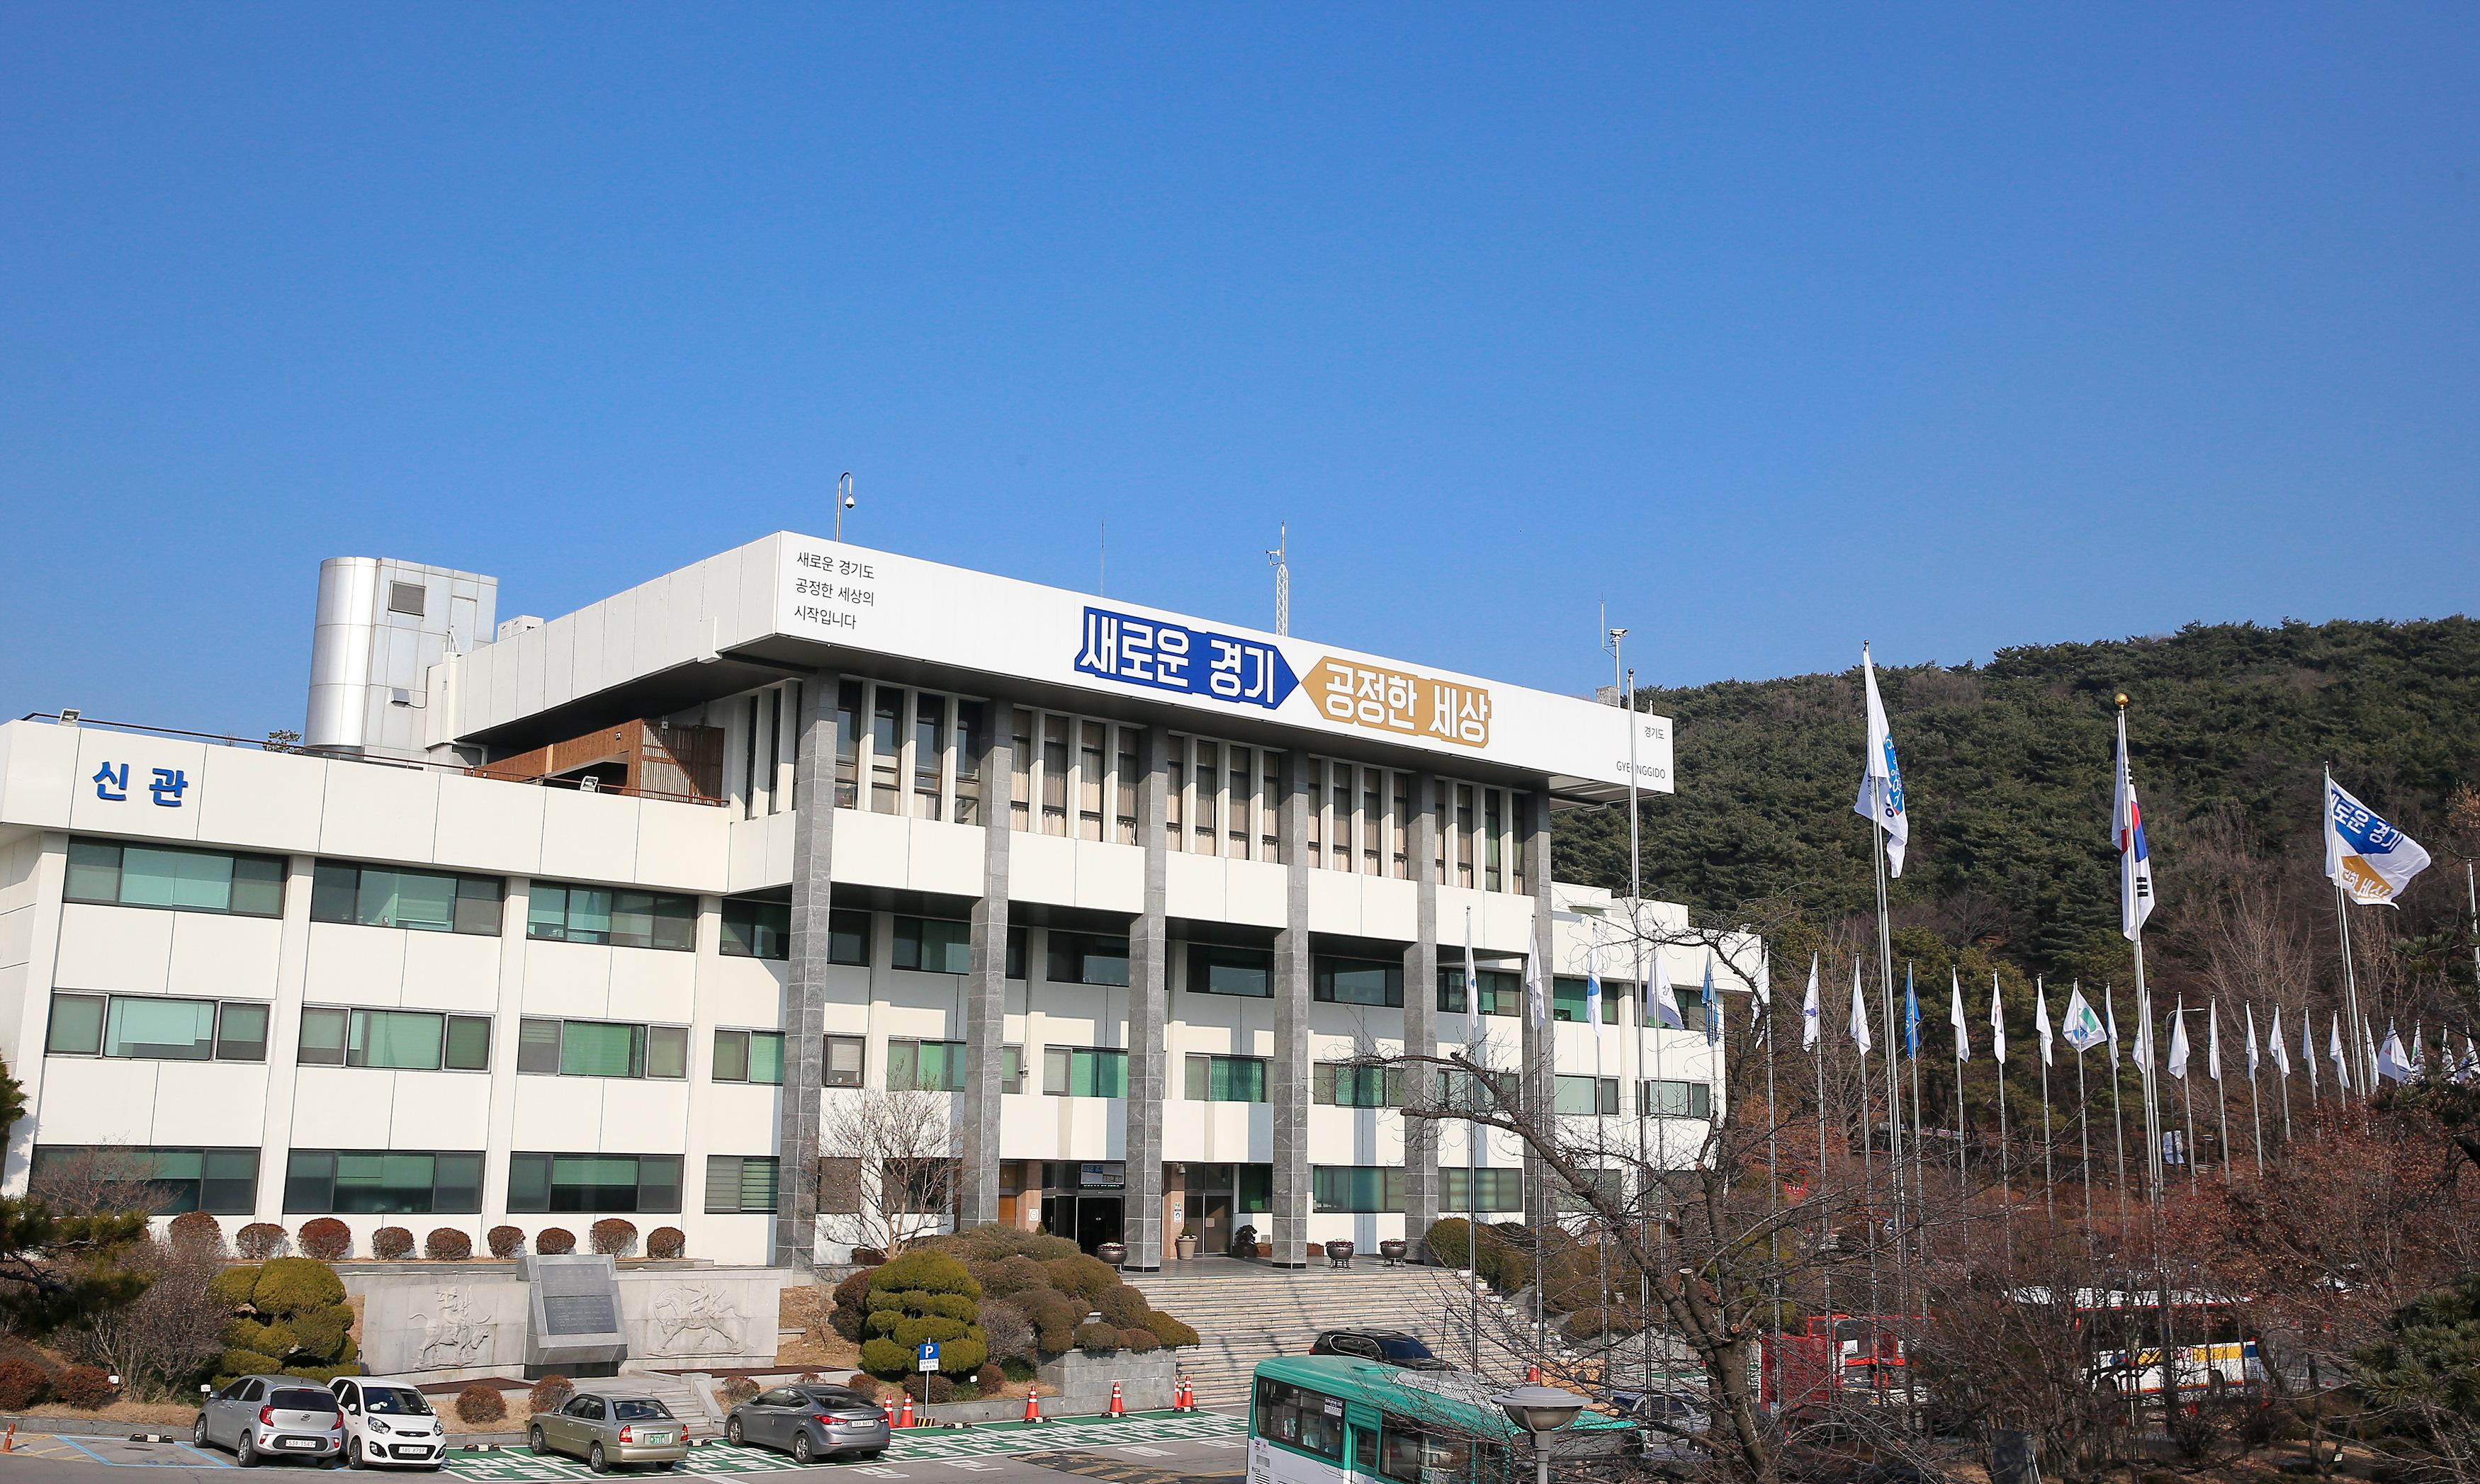 추석연휴 경기북부 산업시설 화재 원인 '전기·기계' 많아‥각별한 주의 당부